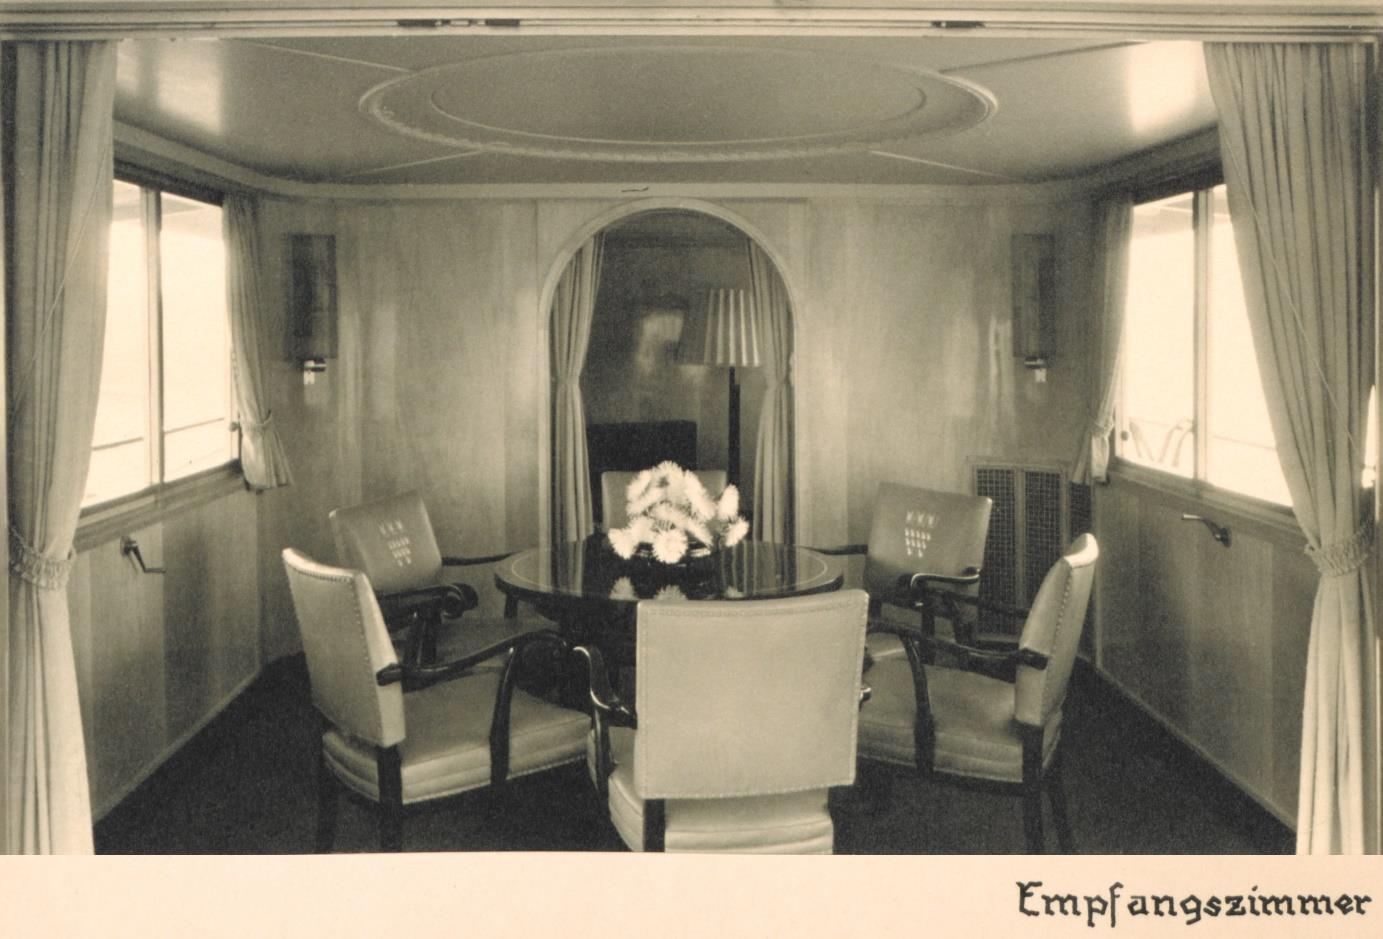 Das Rheinschiff Hansestadt Köln - Innenaufnahme Empfangsraum 1938